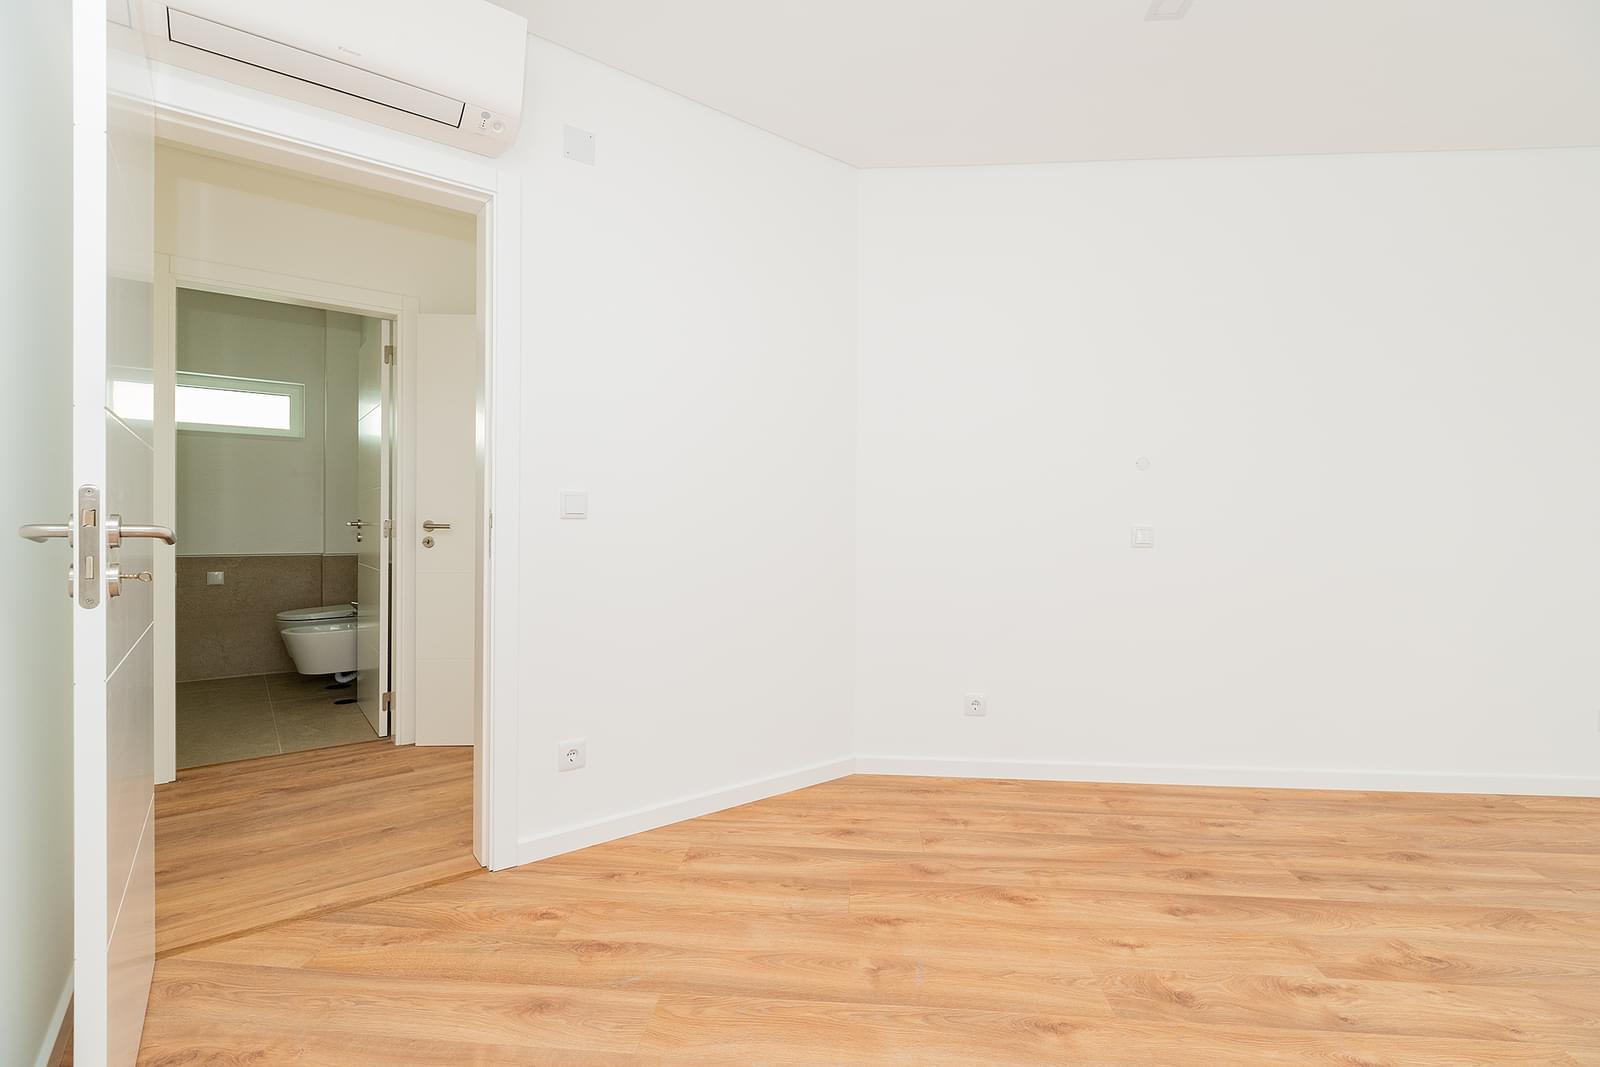 pf16829-apartamento-t1-lisboa-de198680-0abc-4d11-b70b-24570c20dc36